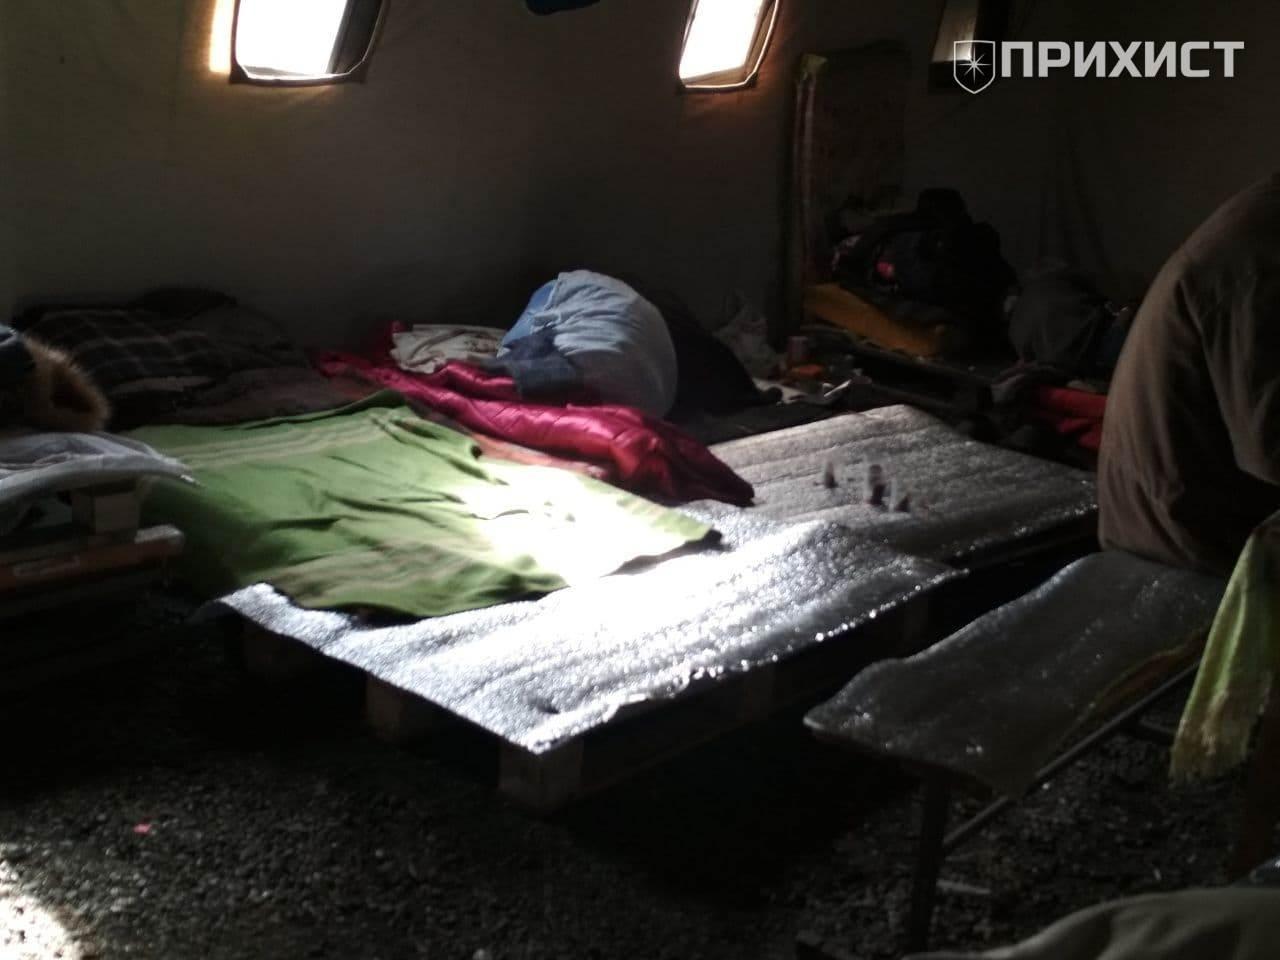 Жизнь в пункте обогрева: горячий чай и кровать из деревянных паллетов | Прихист